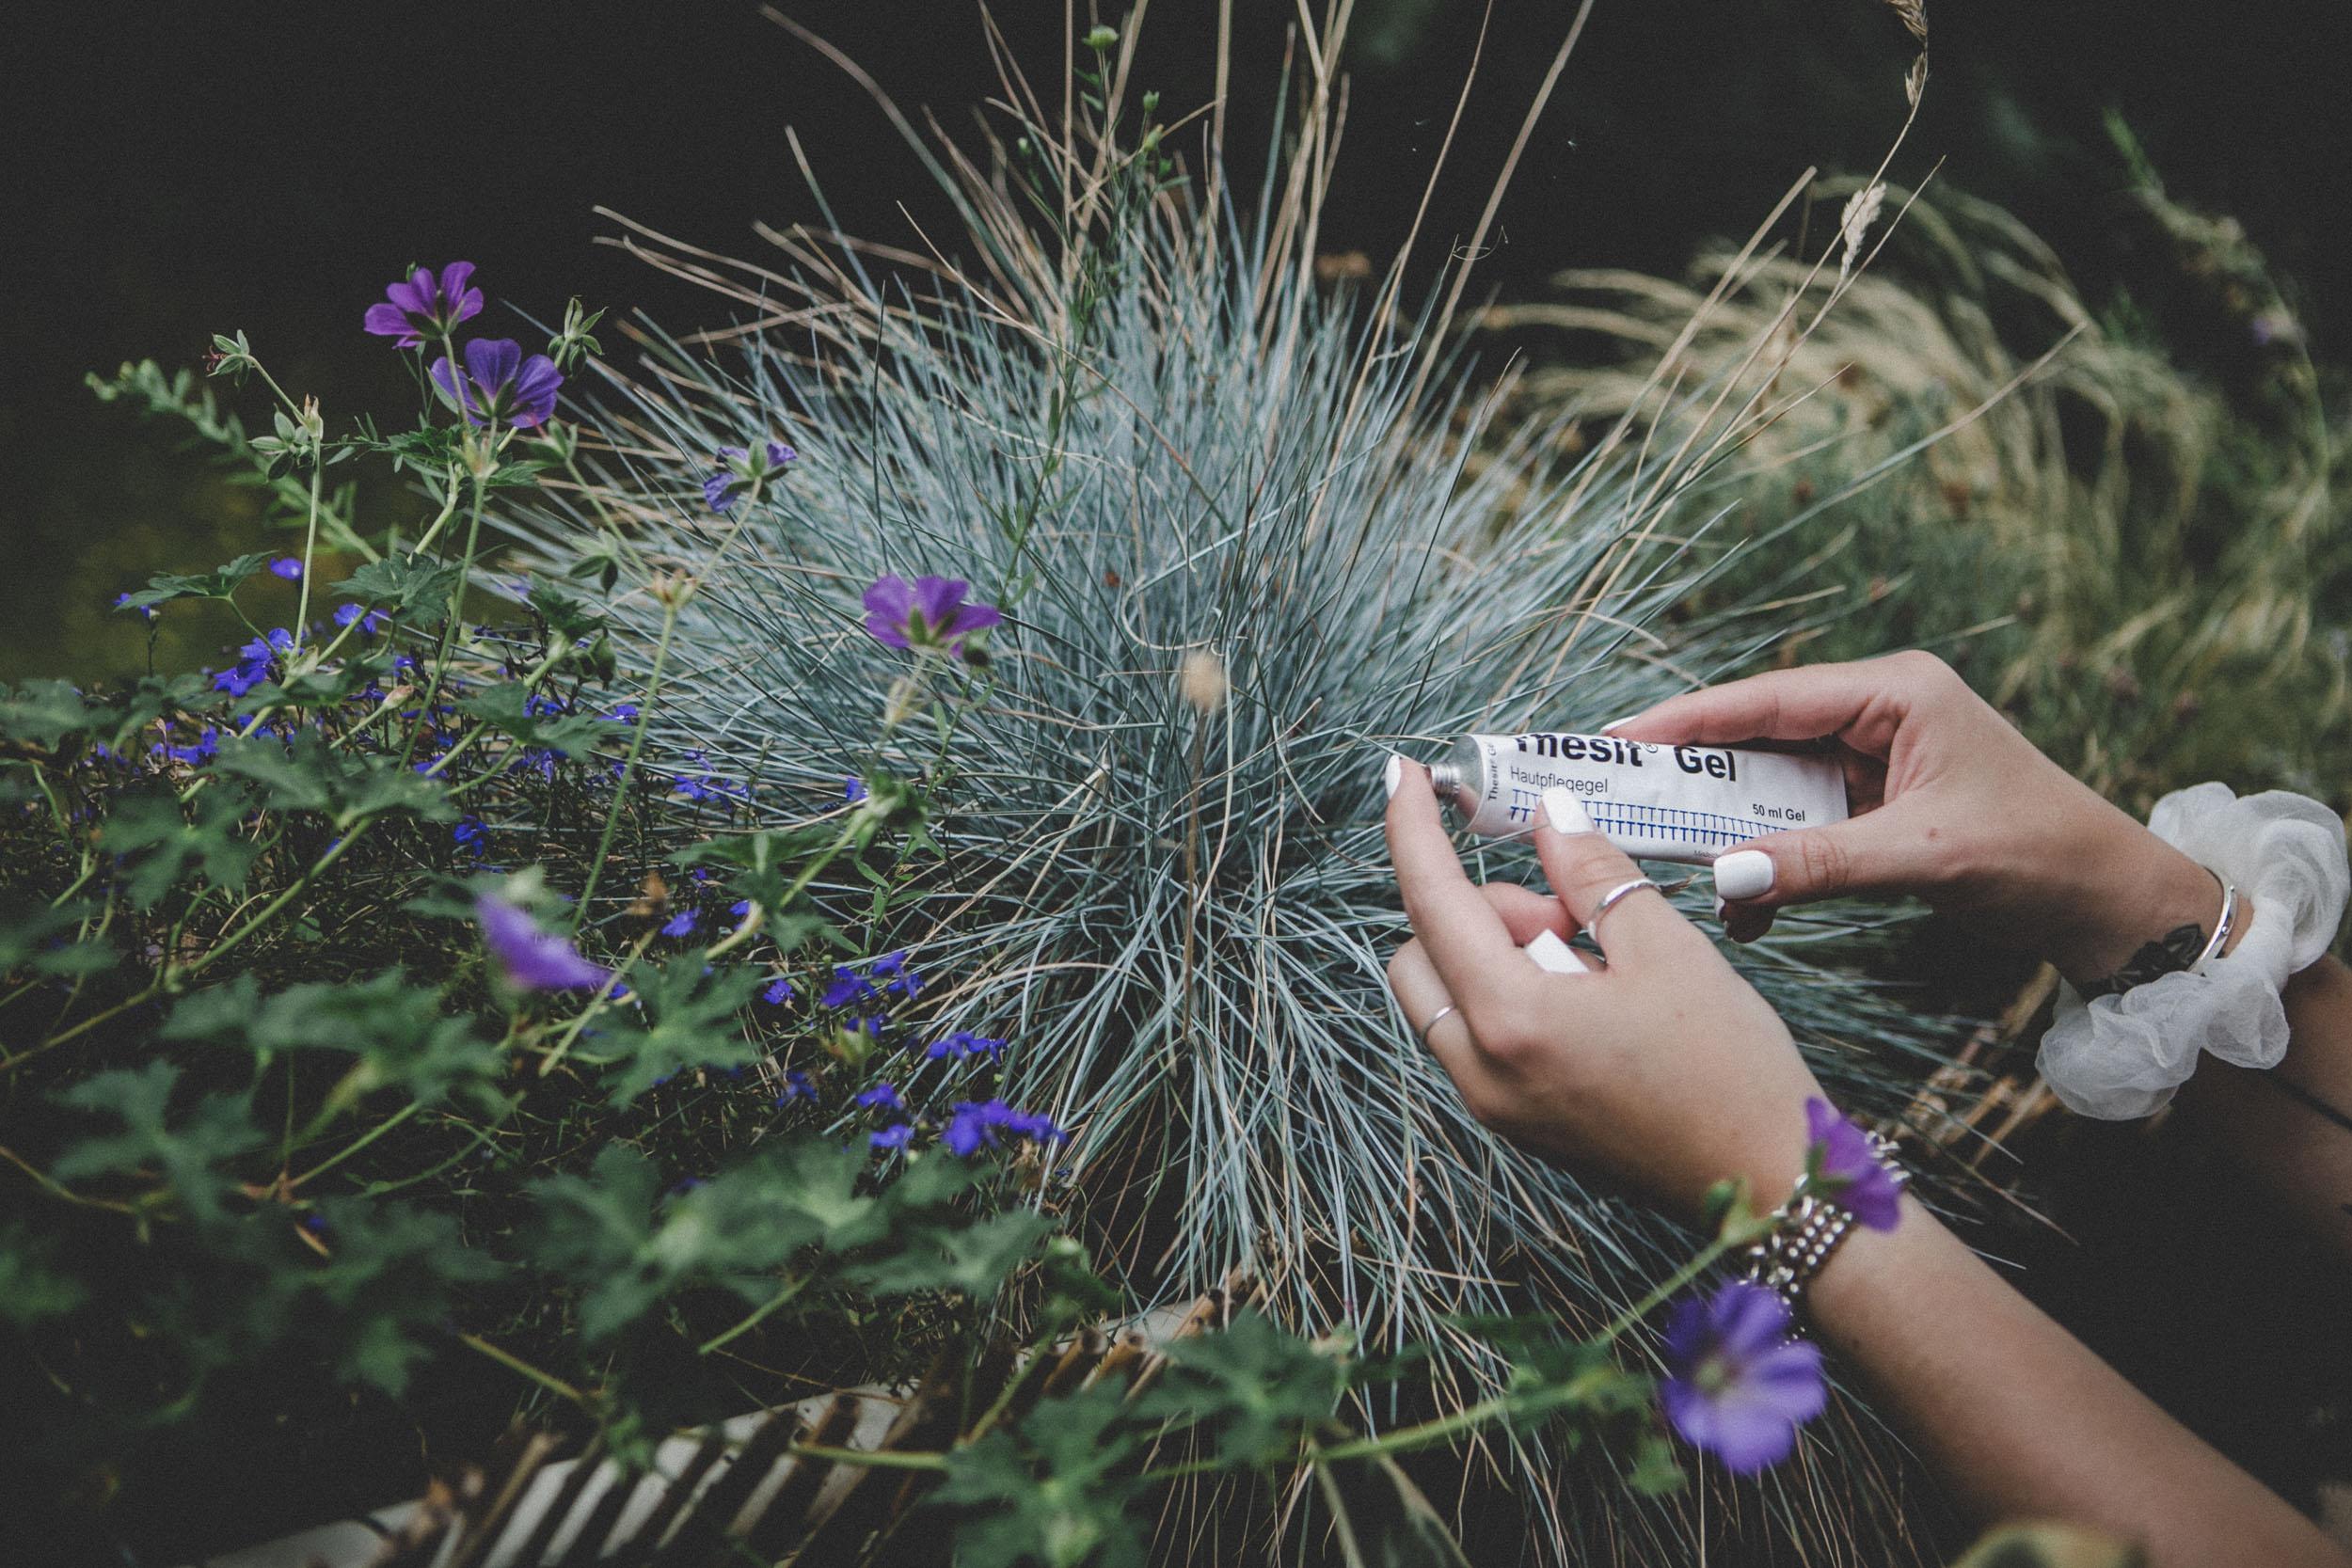 lauralamode-thesi-thesit gel-anti mücken-mückengel-mückenstich-sonnenbrand-sonnenallergie-medizinisches produkt-insektenstich-soforthilfe-beauty-beautyprodukt-blogger-beautyblogger-berlin-munich